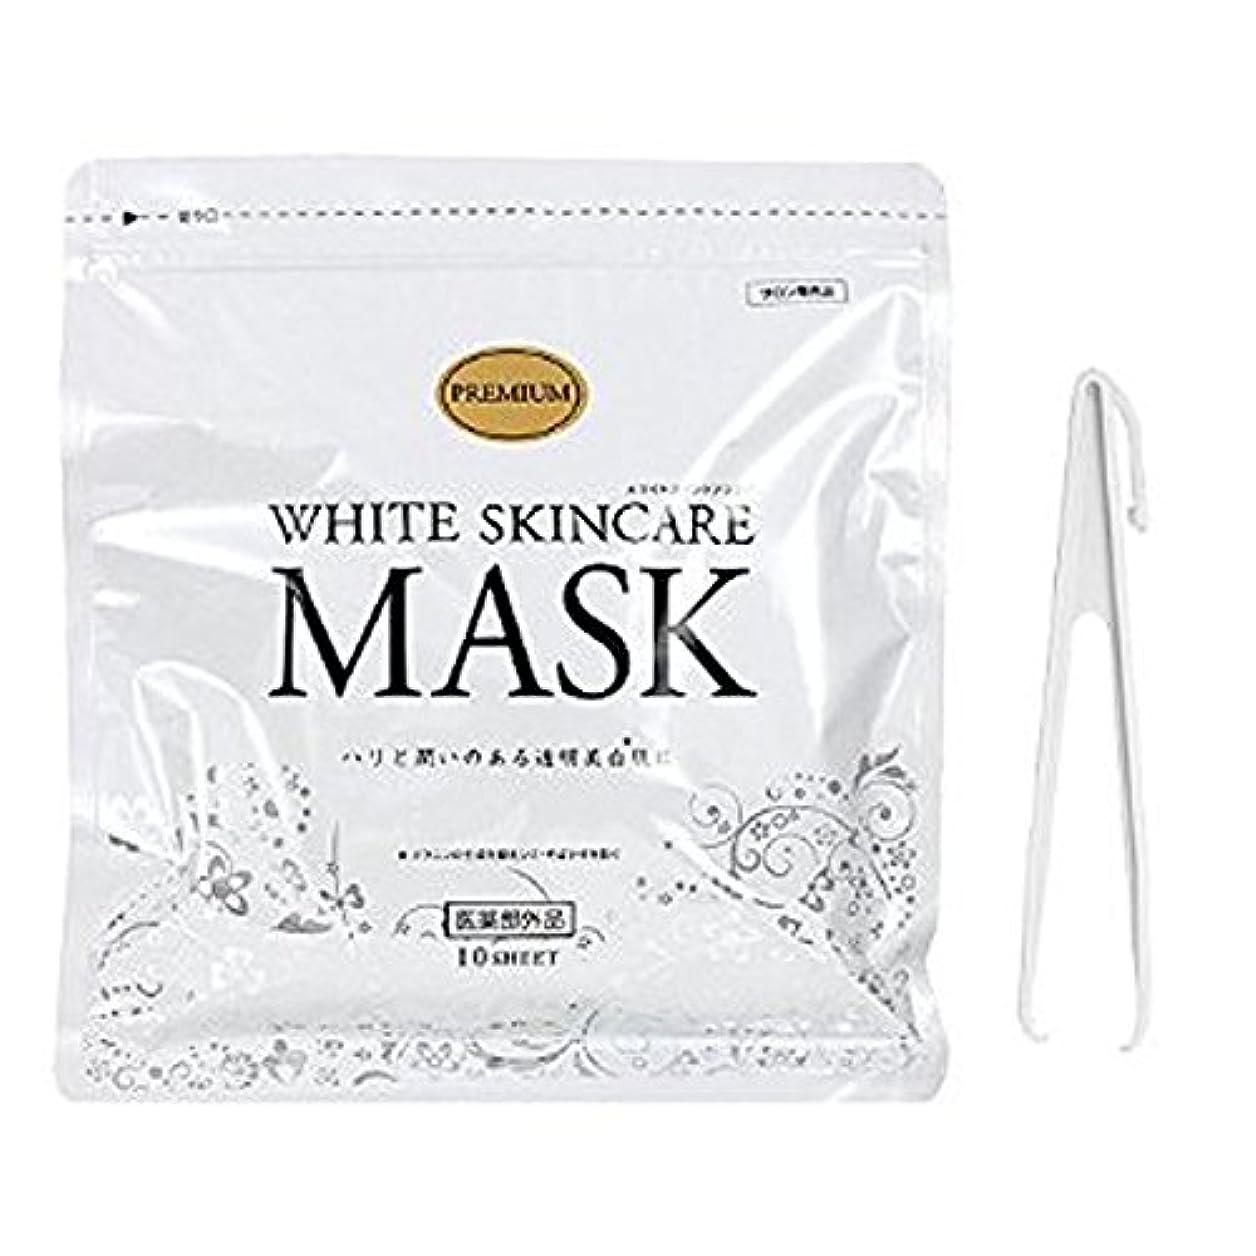 リッチ安いです平手打ちホワイトスキンケアマスク 10枚入